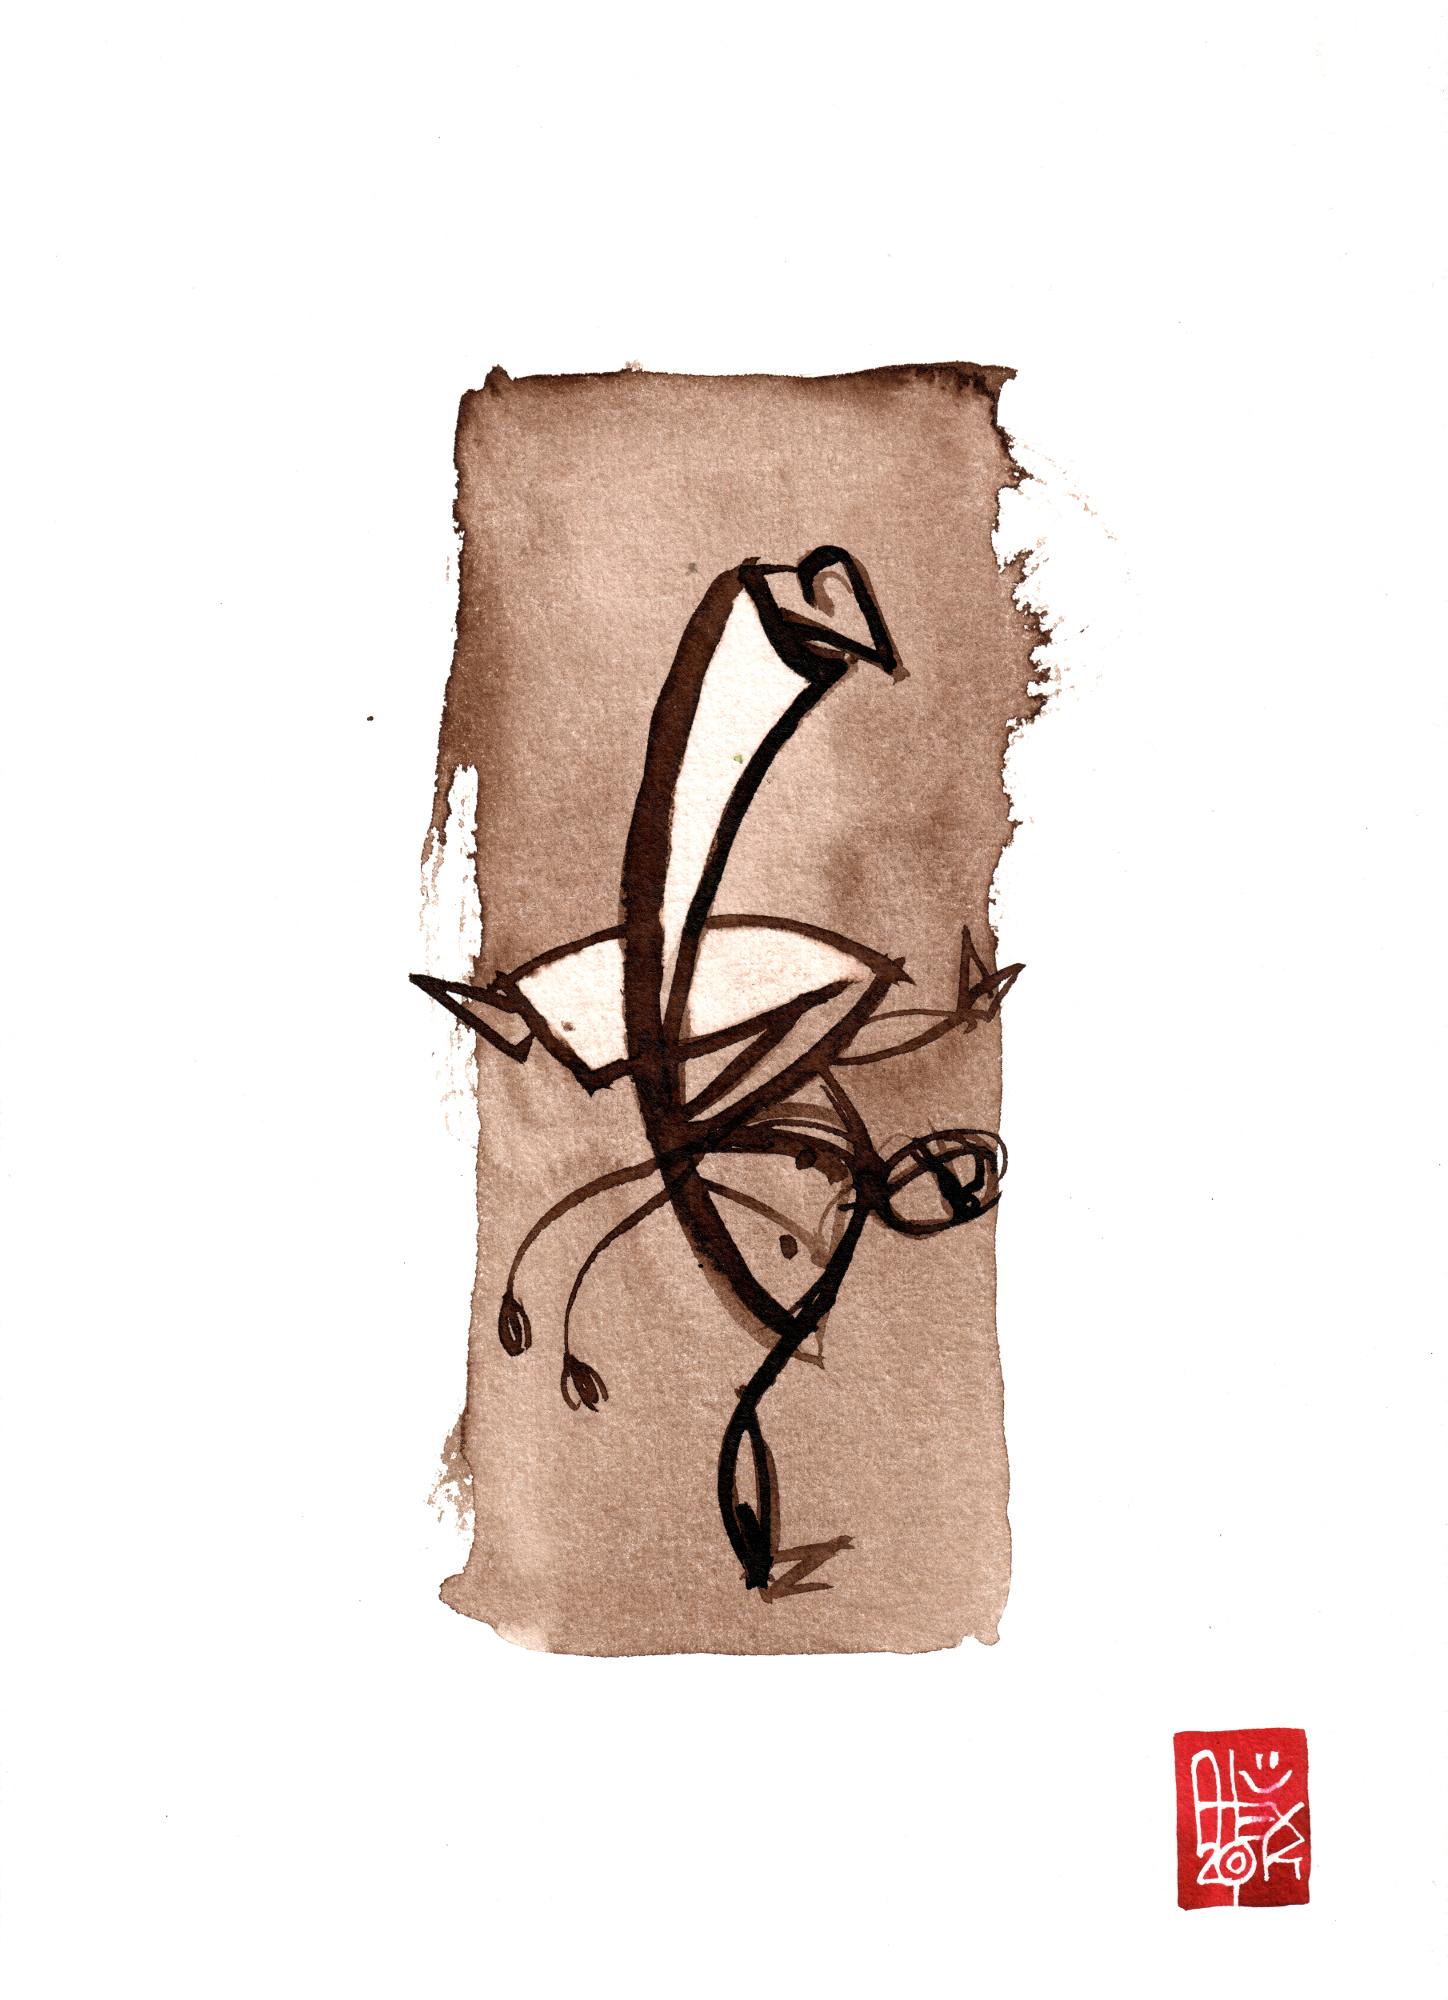 Illustration : Capoeira – 725 [ #capoeira #watercolor #illustration] aquarelle sur papier 325gr / watercolor on paper 325gr 24 x 32 cm / 9.4 x 12.6 in